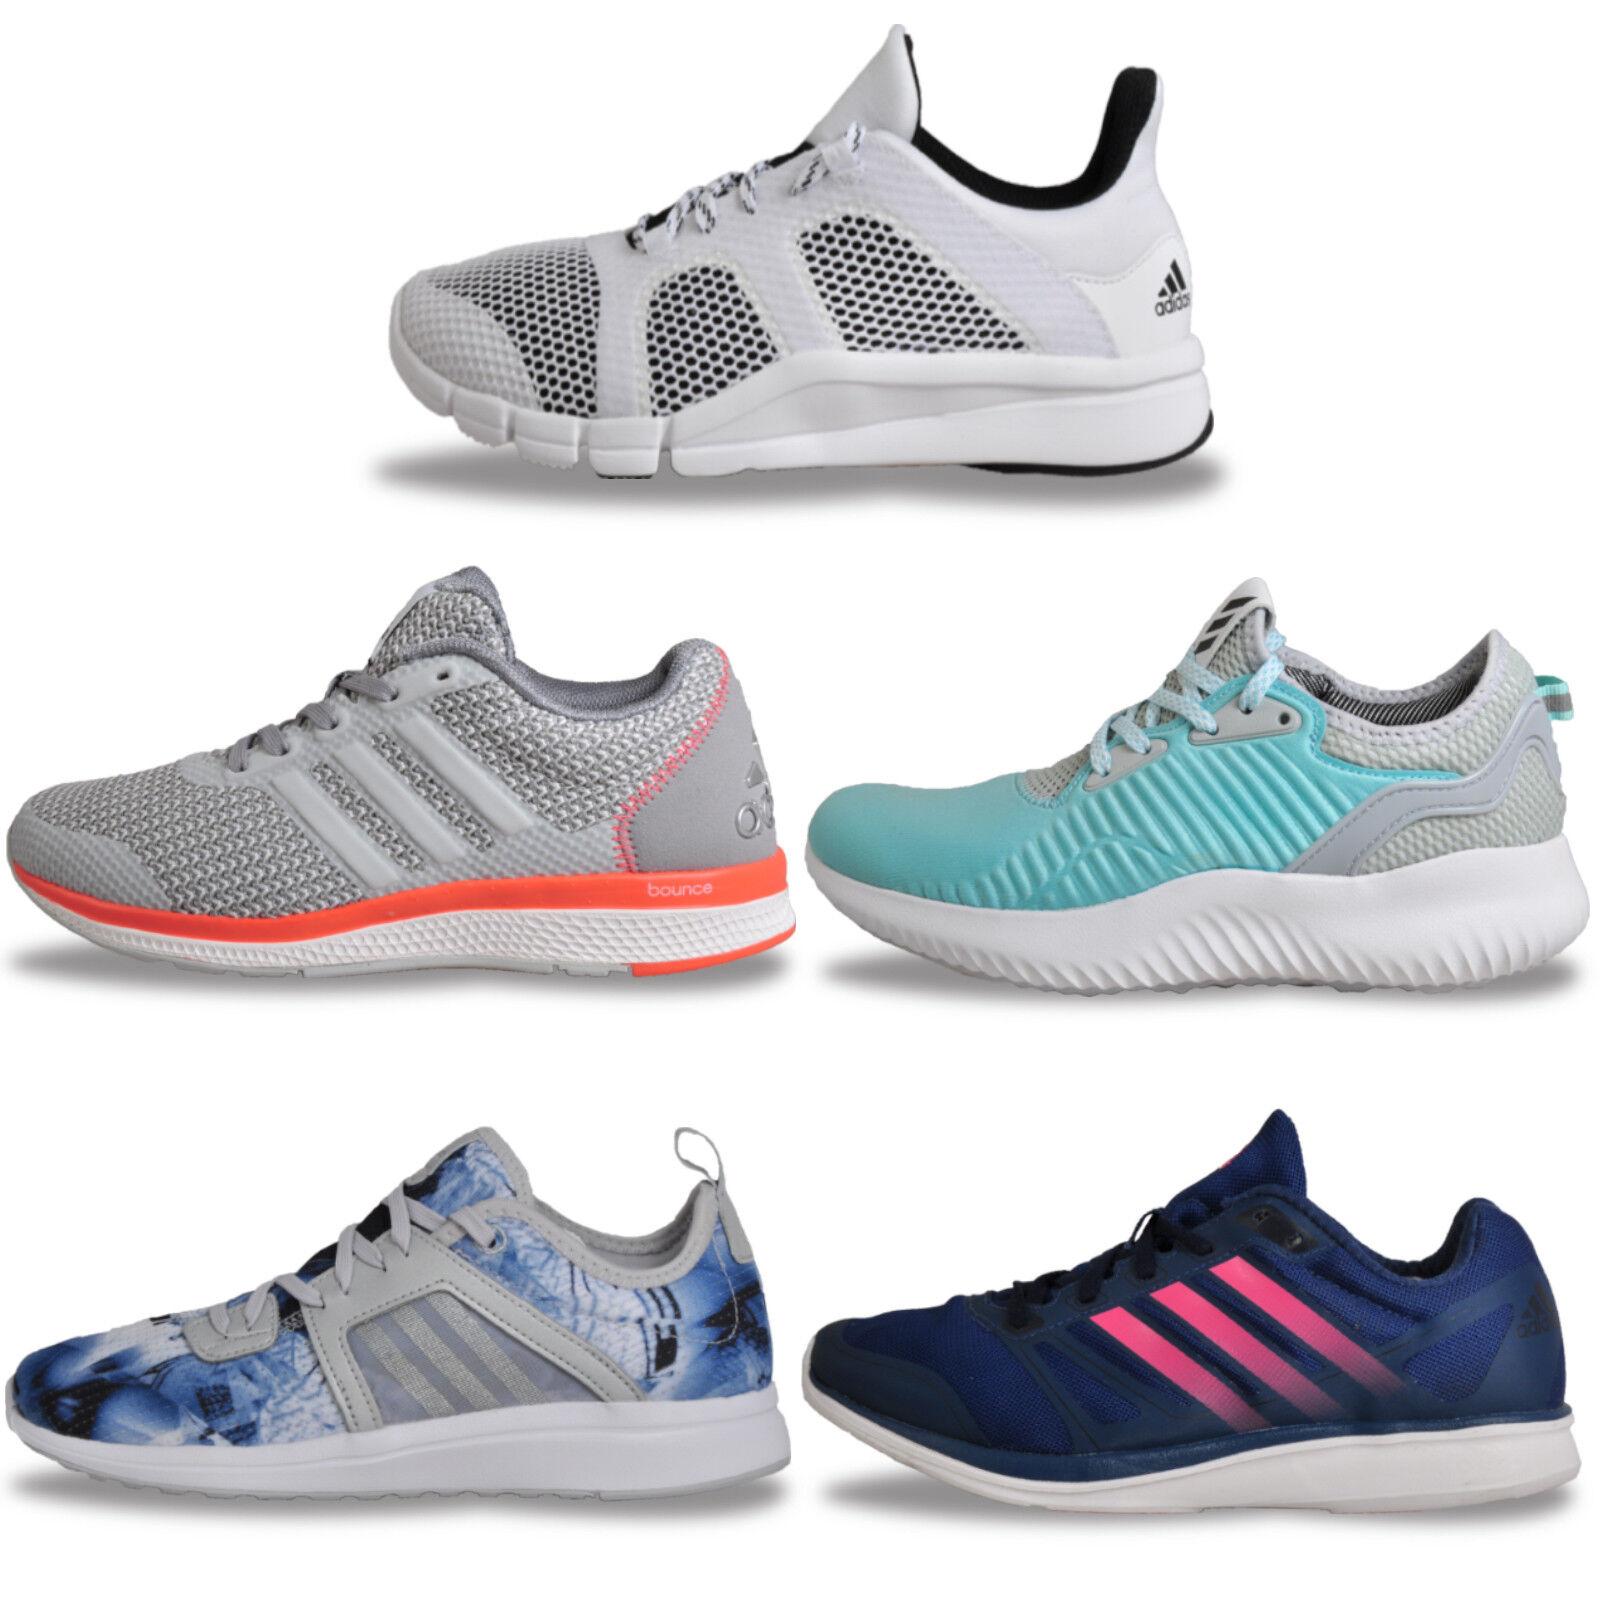 Adidas Test Turnschuhe Von Vergleich Damen sQrdxBthC